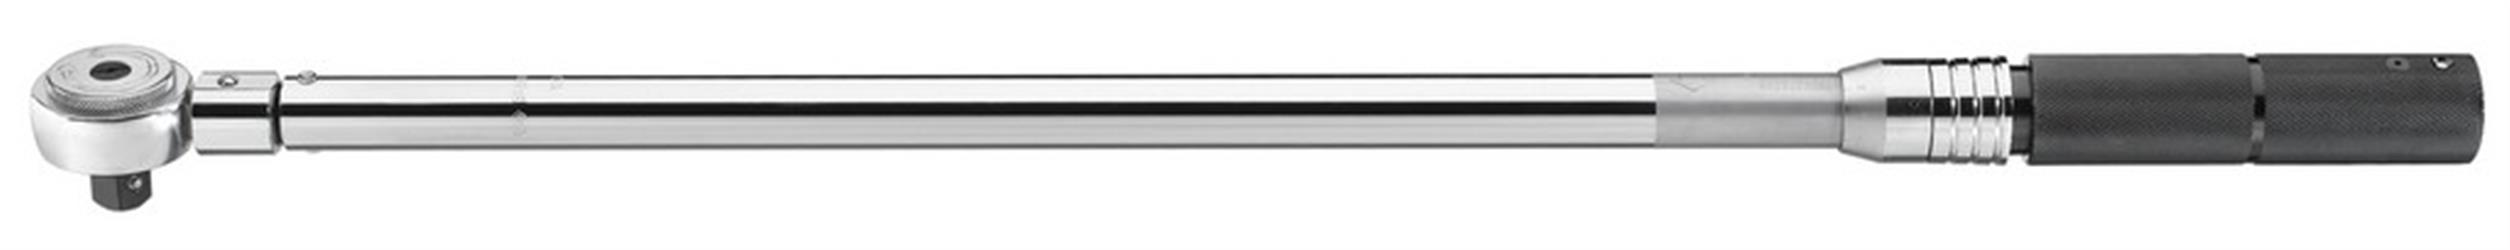 306A - Llaves de disparo con trinquete móvil PEGAMO